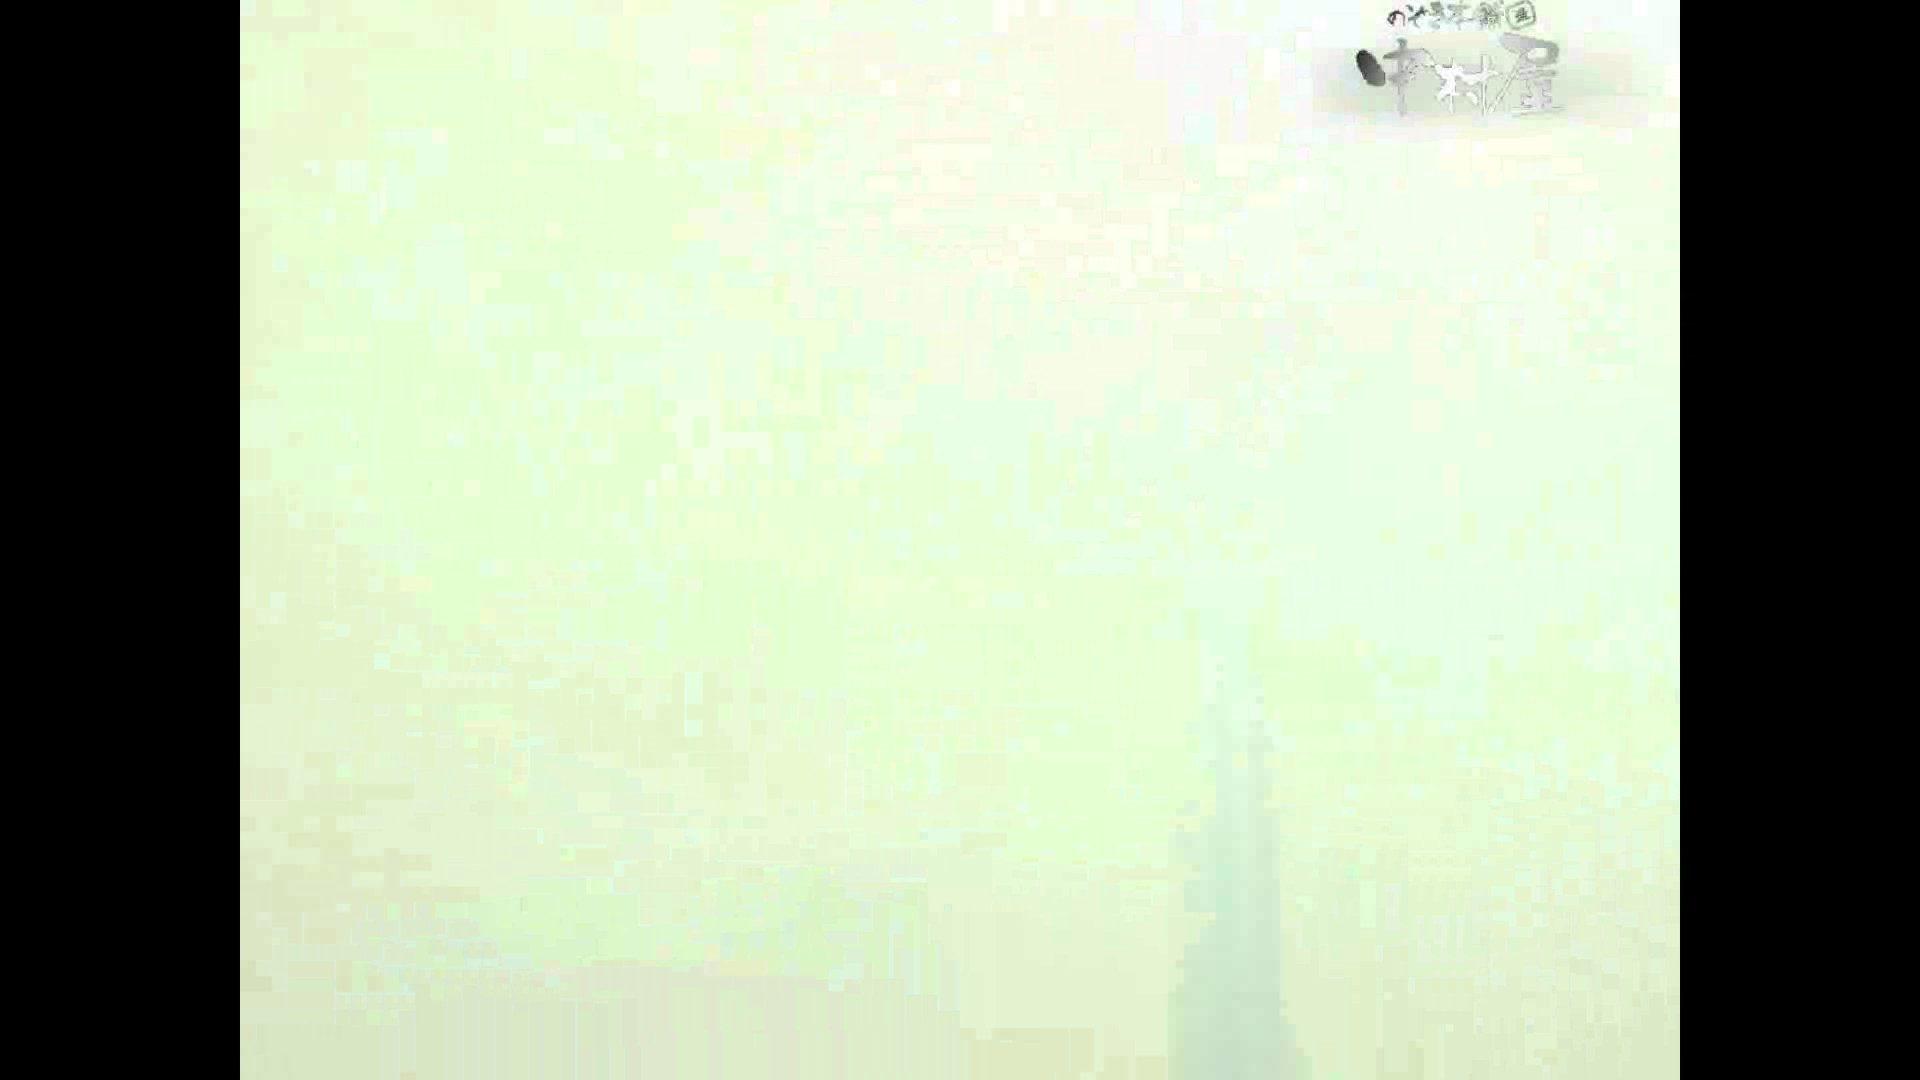 岩手県在住盗撮師盗撮記録vol.34 HなOL | 排泄  93pic 66